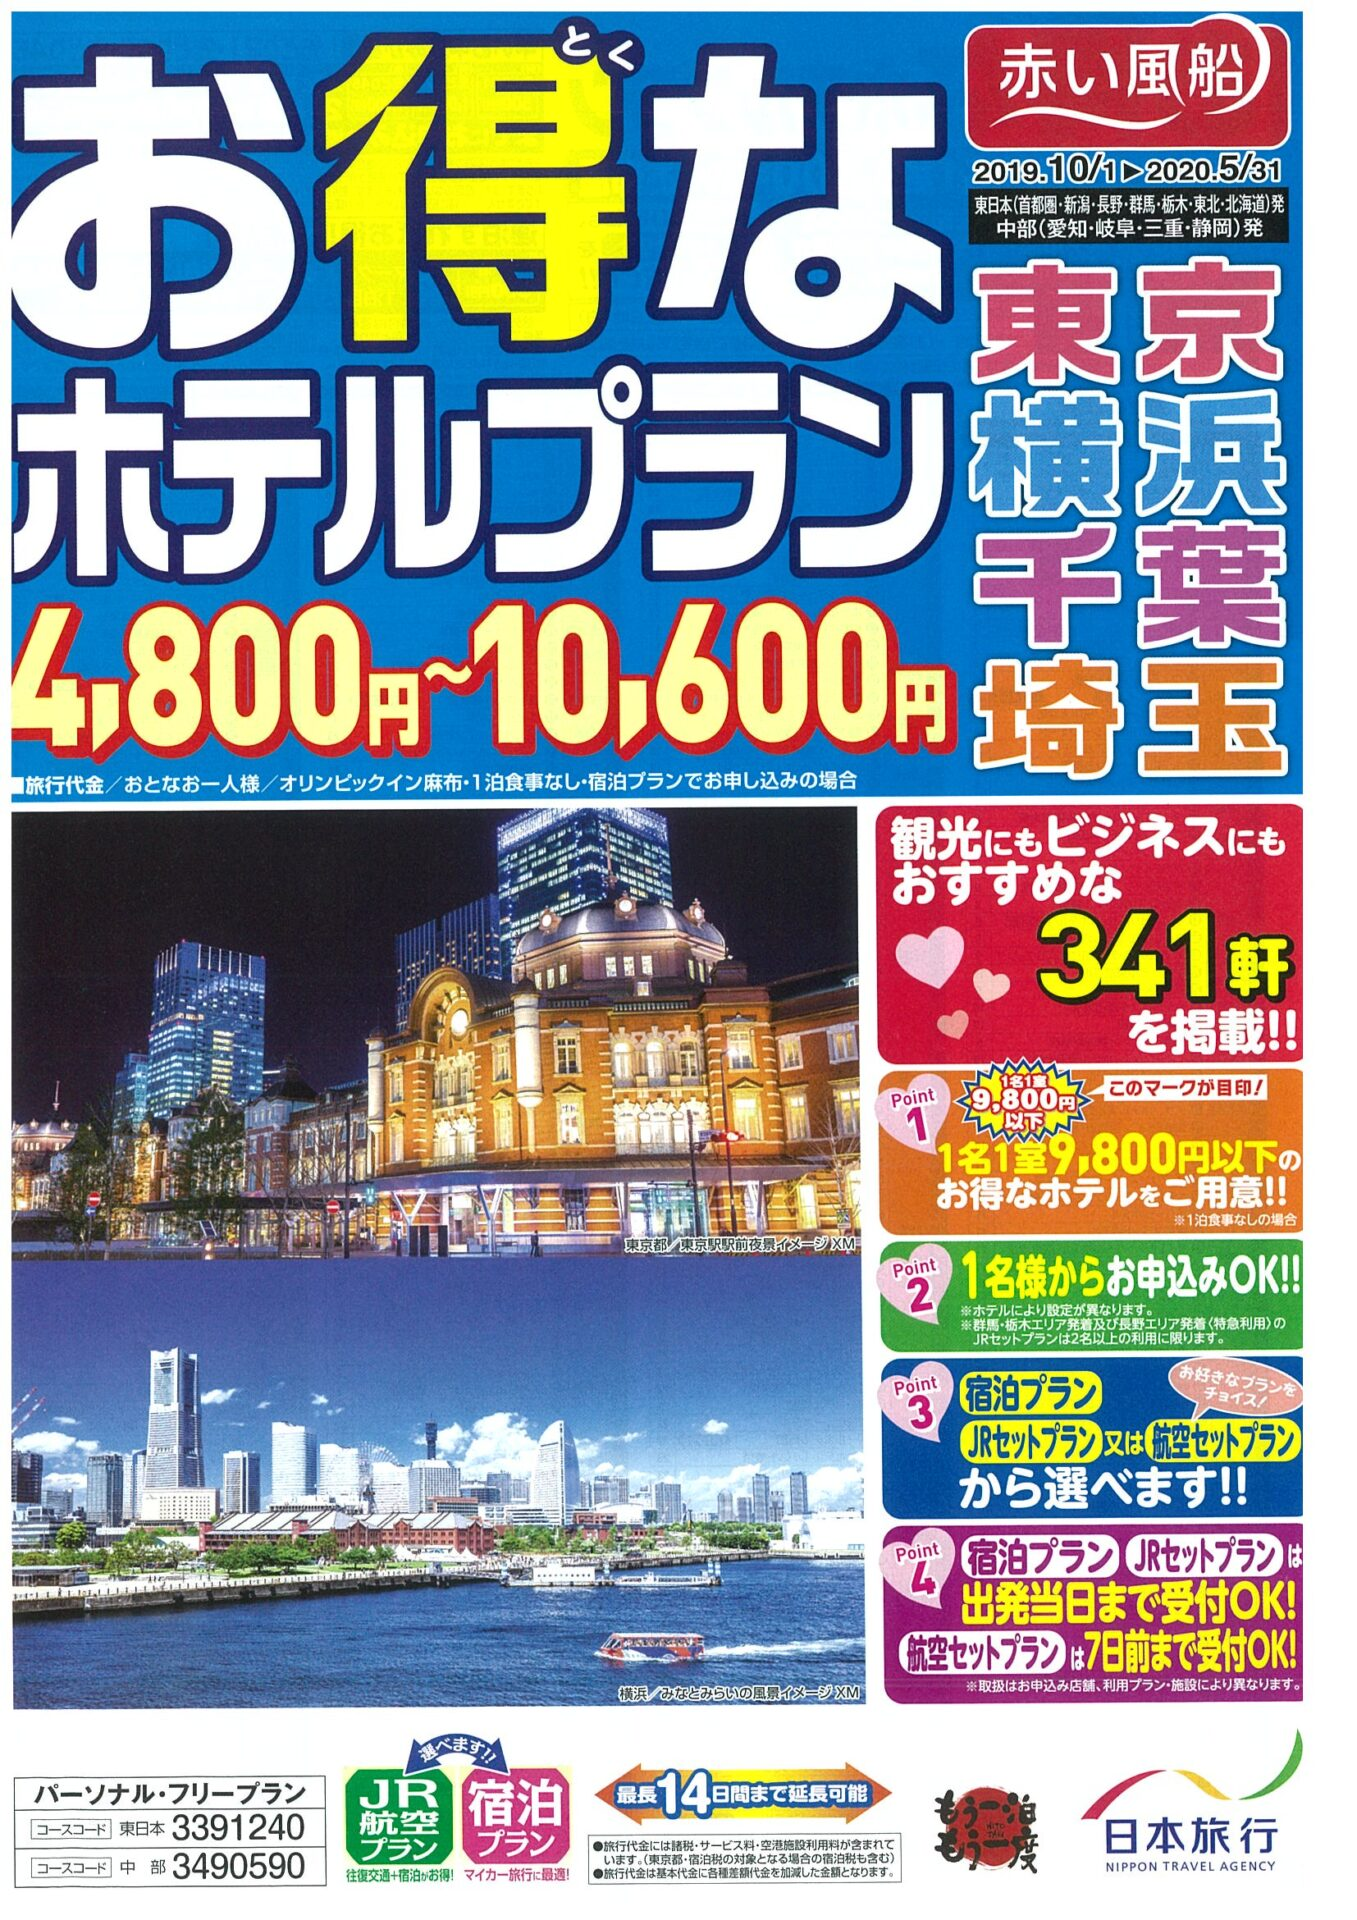 赤い風船 お得なホテルプラン 東京・横浜・千葉・埼玉